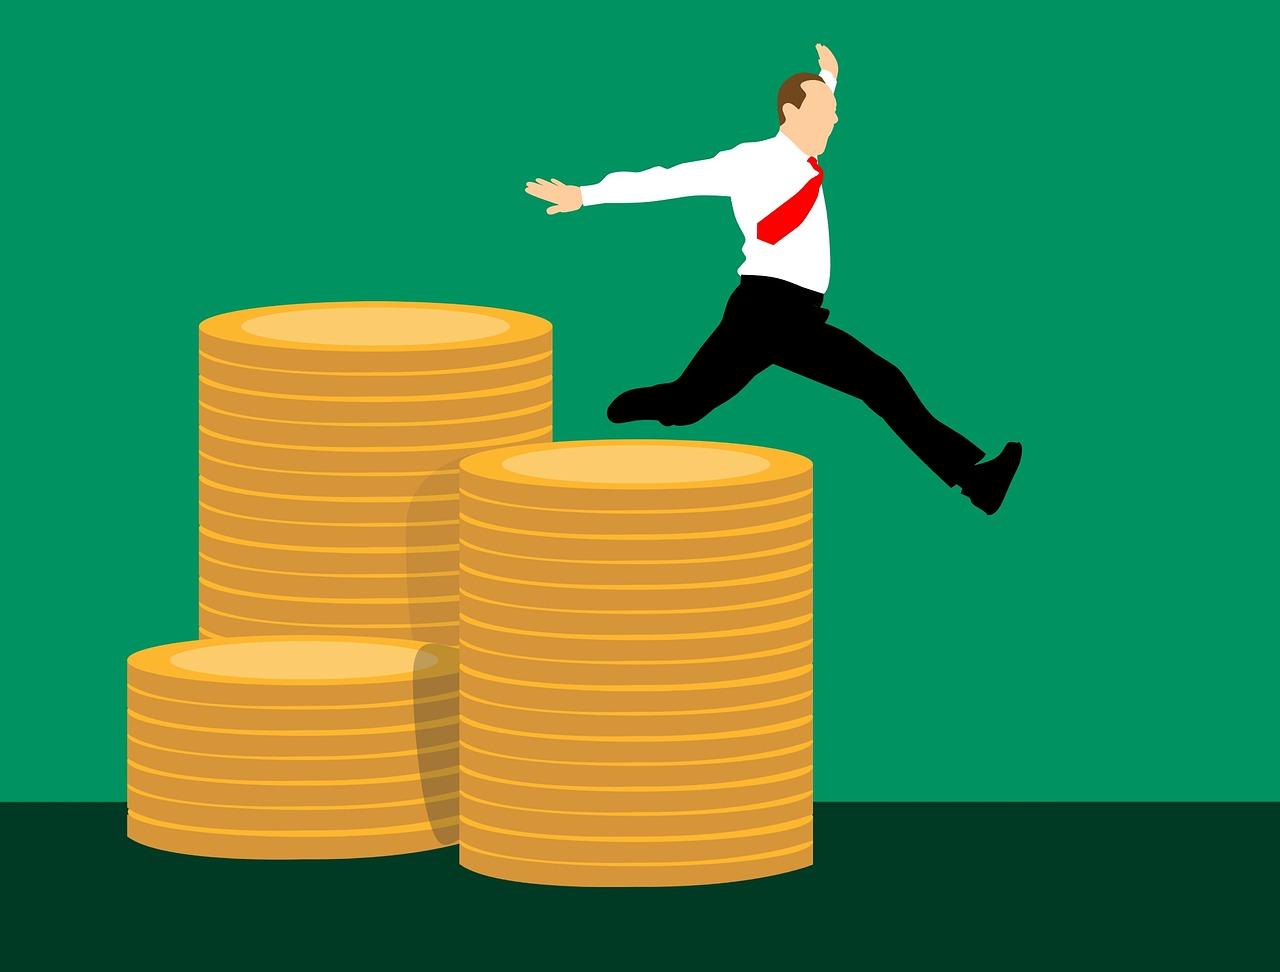 Заявить о банкротстве можно будет через МФЦ